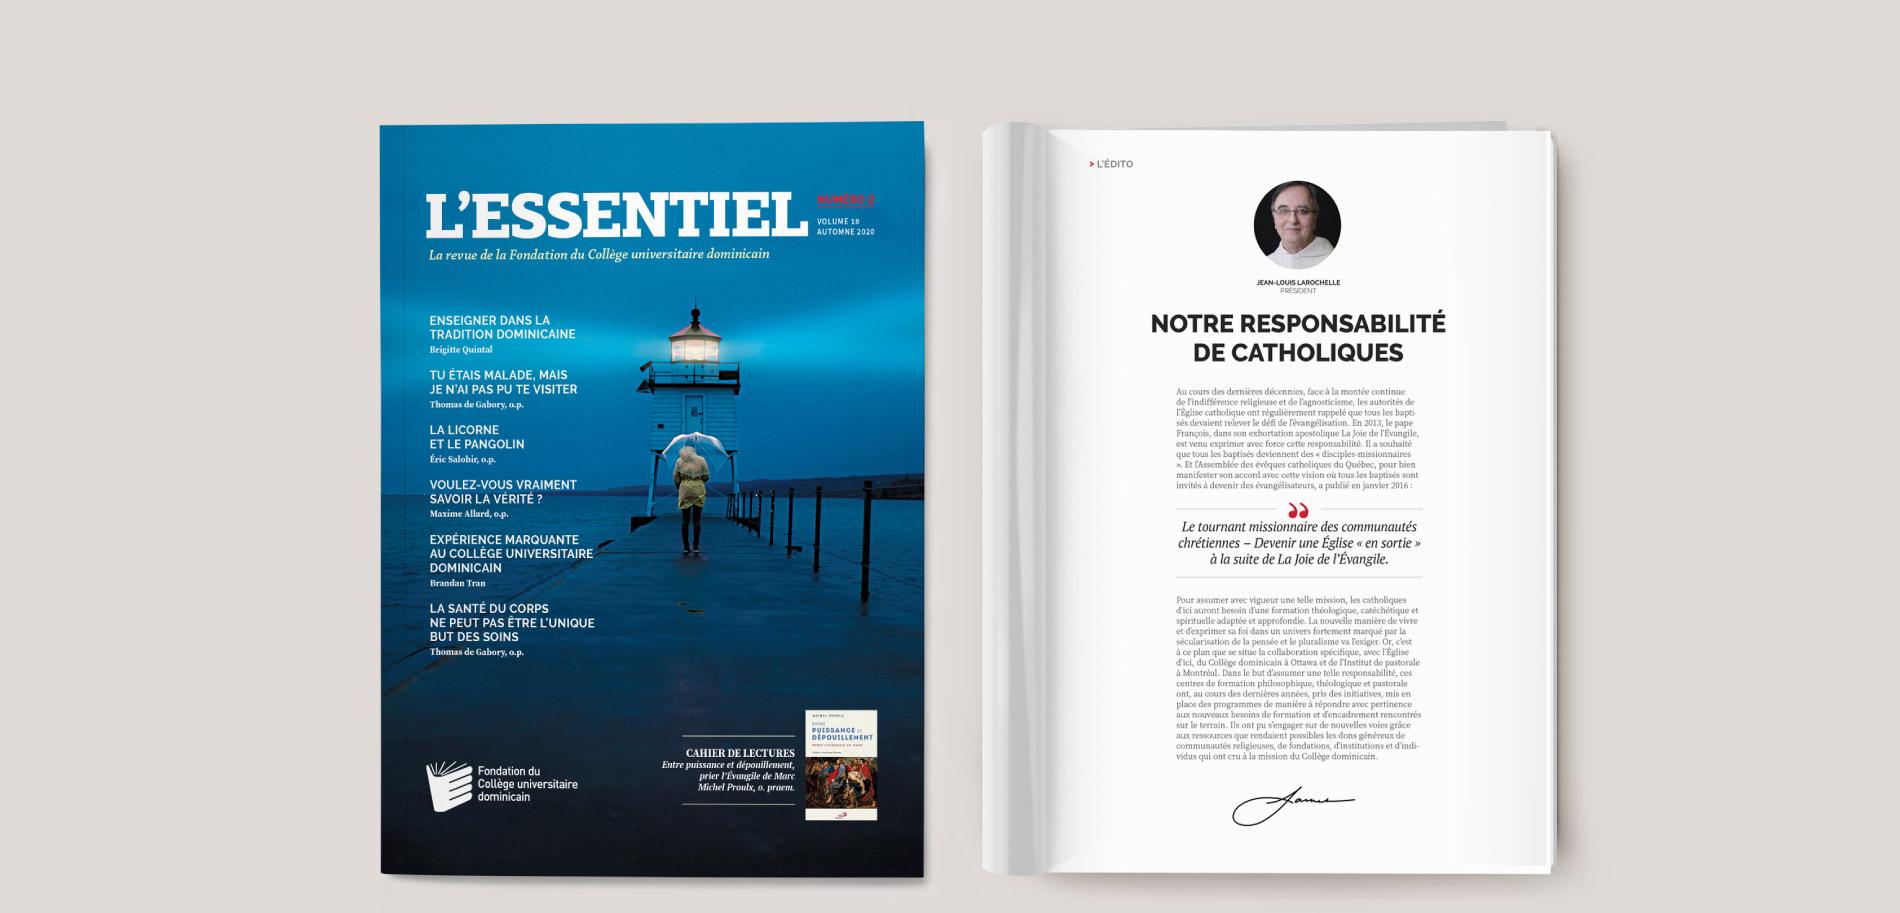 Essential magazine cover